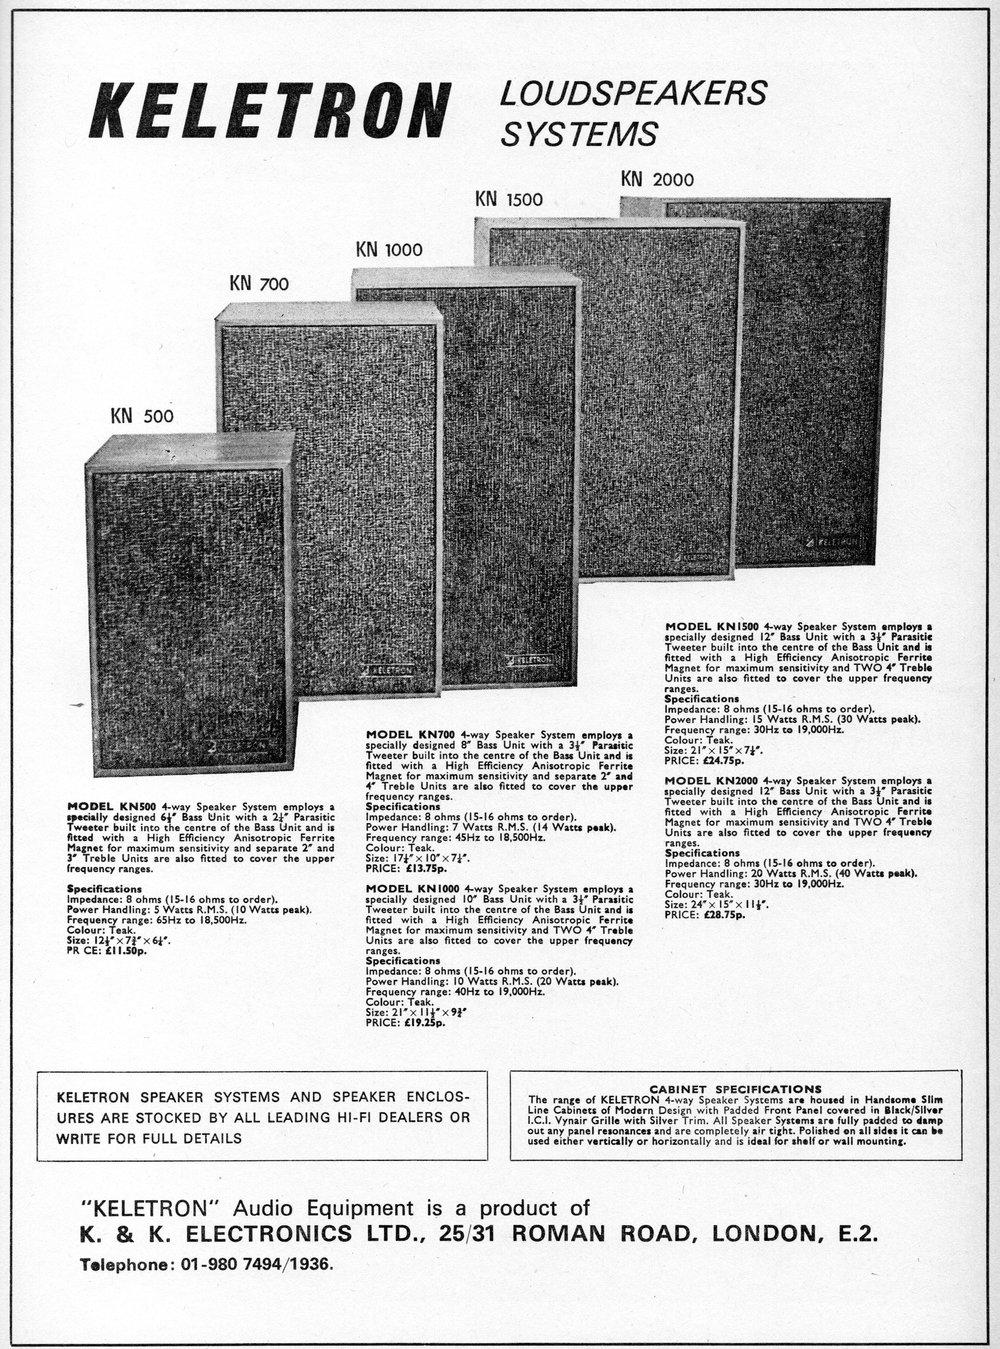 Keletron KN500, KN700, KN1000, KN1500, KN2000 Advert (1971).jpg